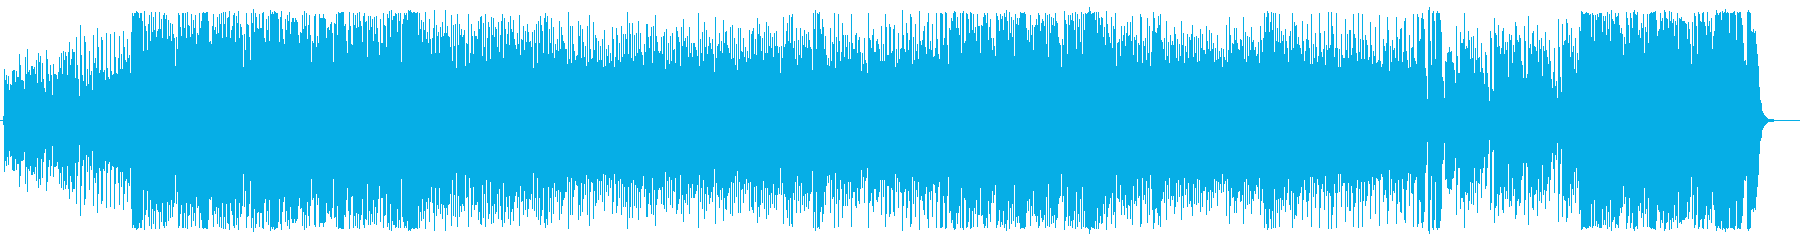 疾走感のある現代的シンセポップの再生済みの波形